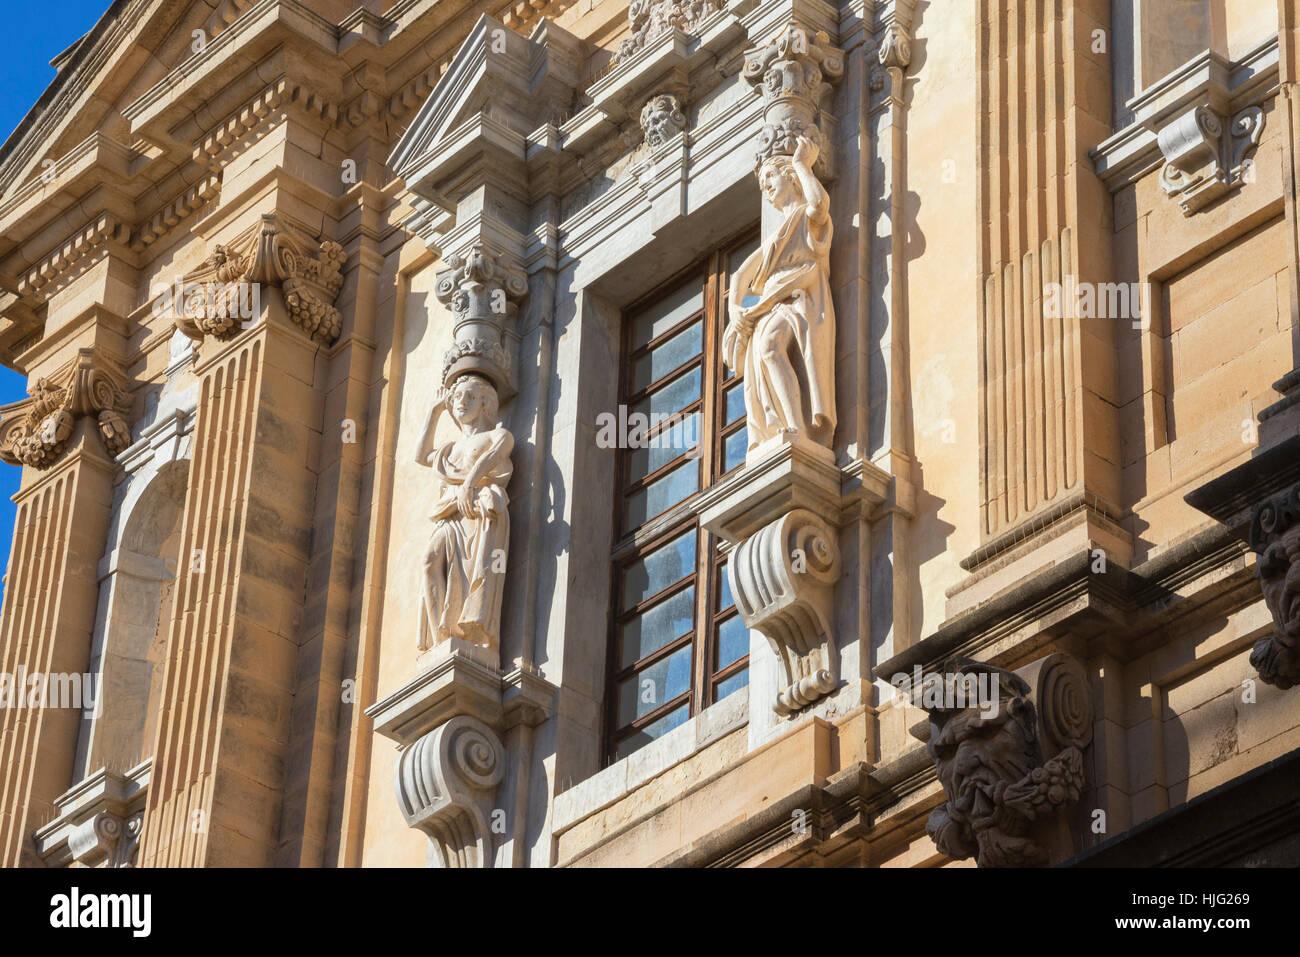 Iglesia de los Jesuitas, Trapani, Sicilia, Italia. Imagen De Stock